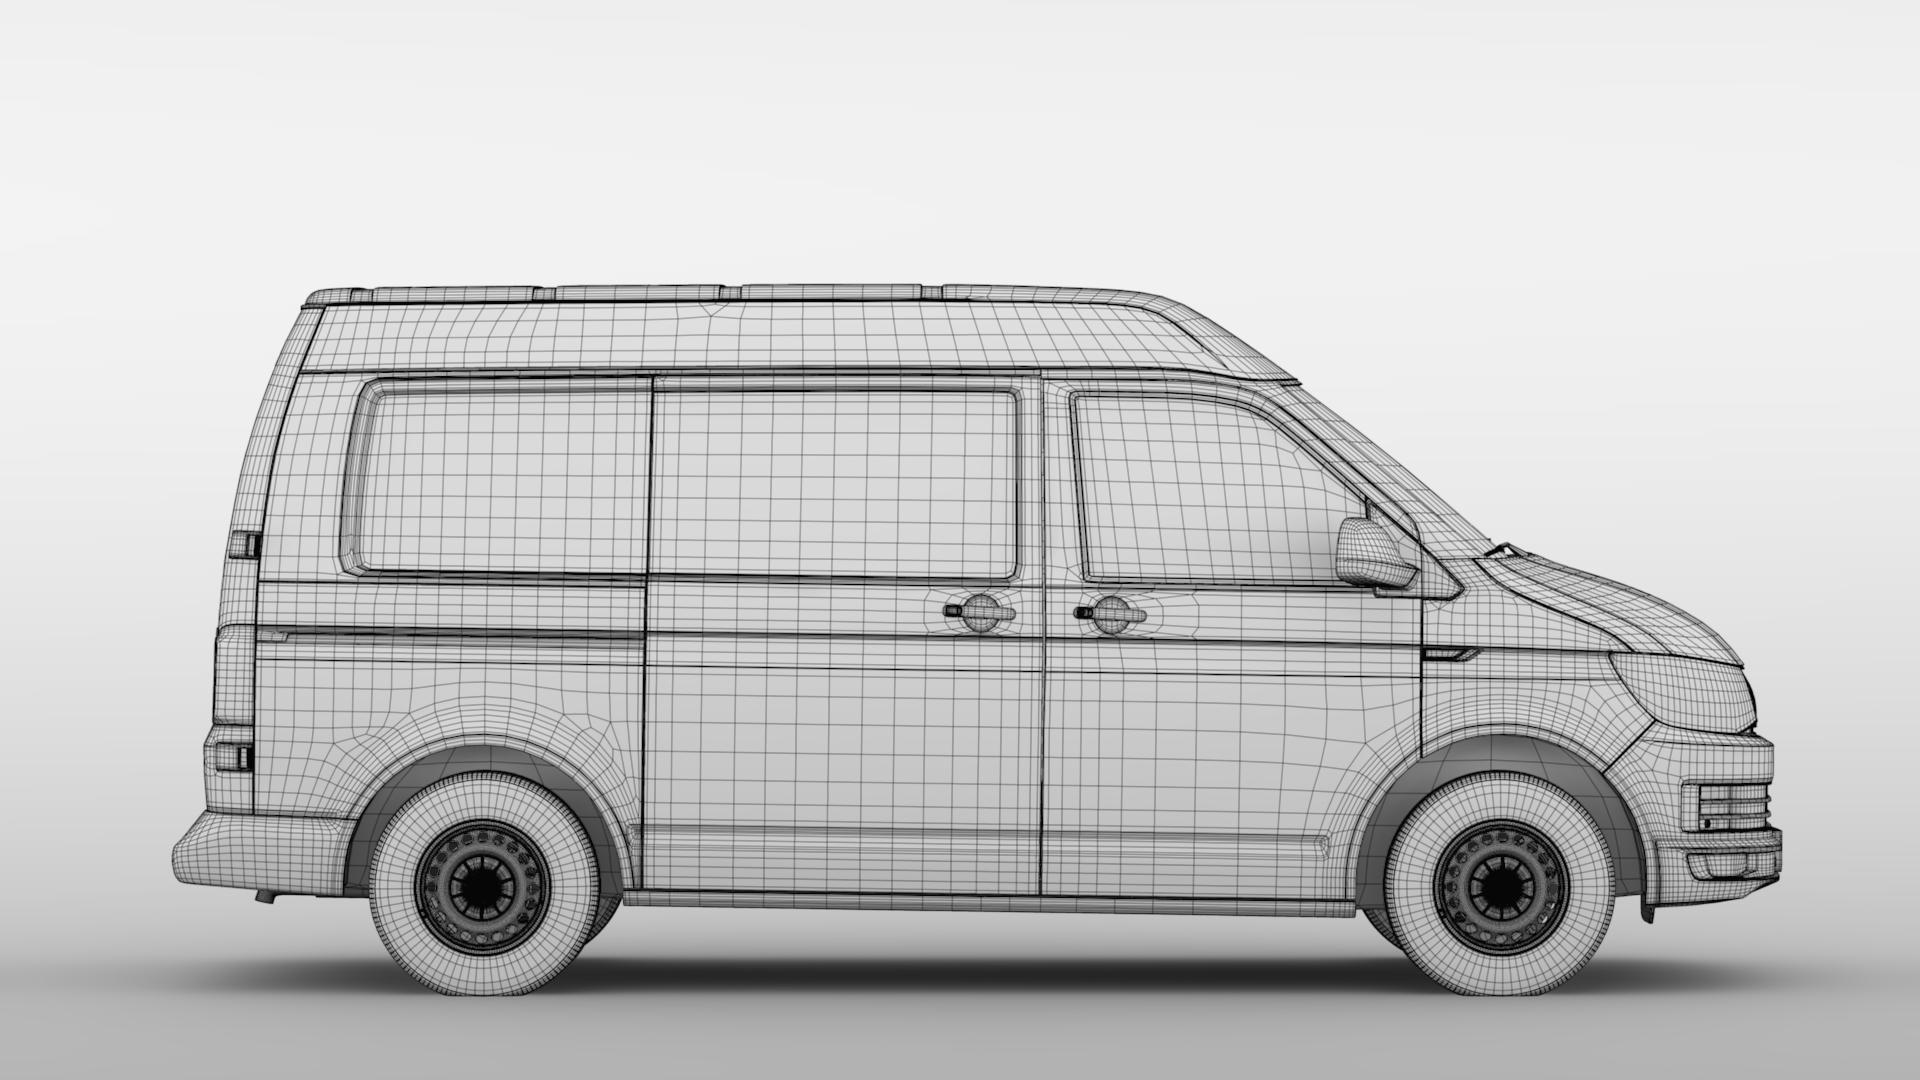 volkswagen transporter van l1h2 t6 2017 3d model max fbx c4d lwo ma mb hrc xsi obj 275160